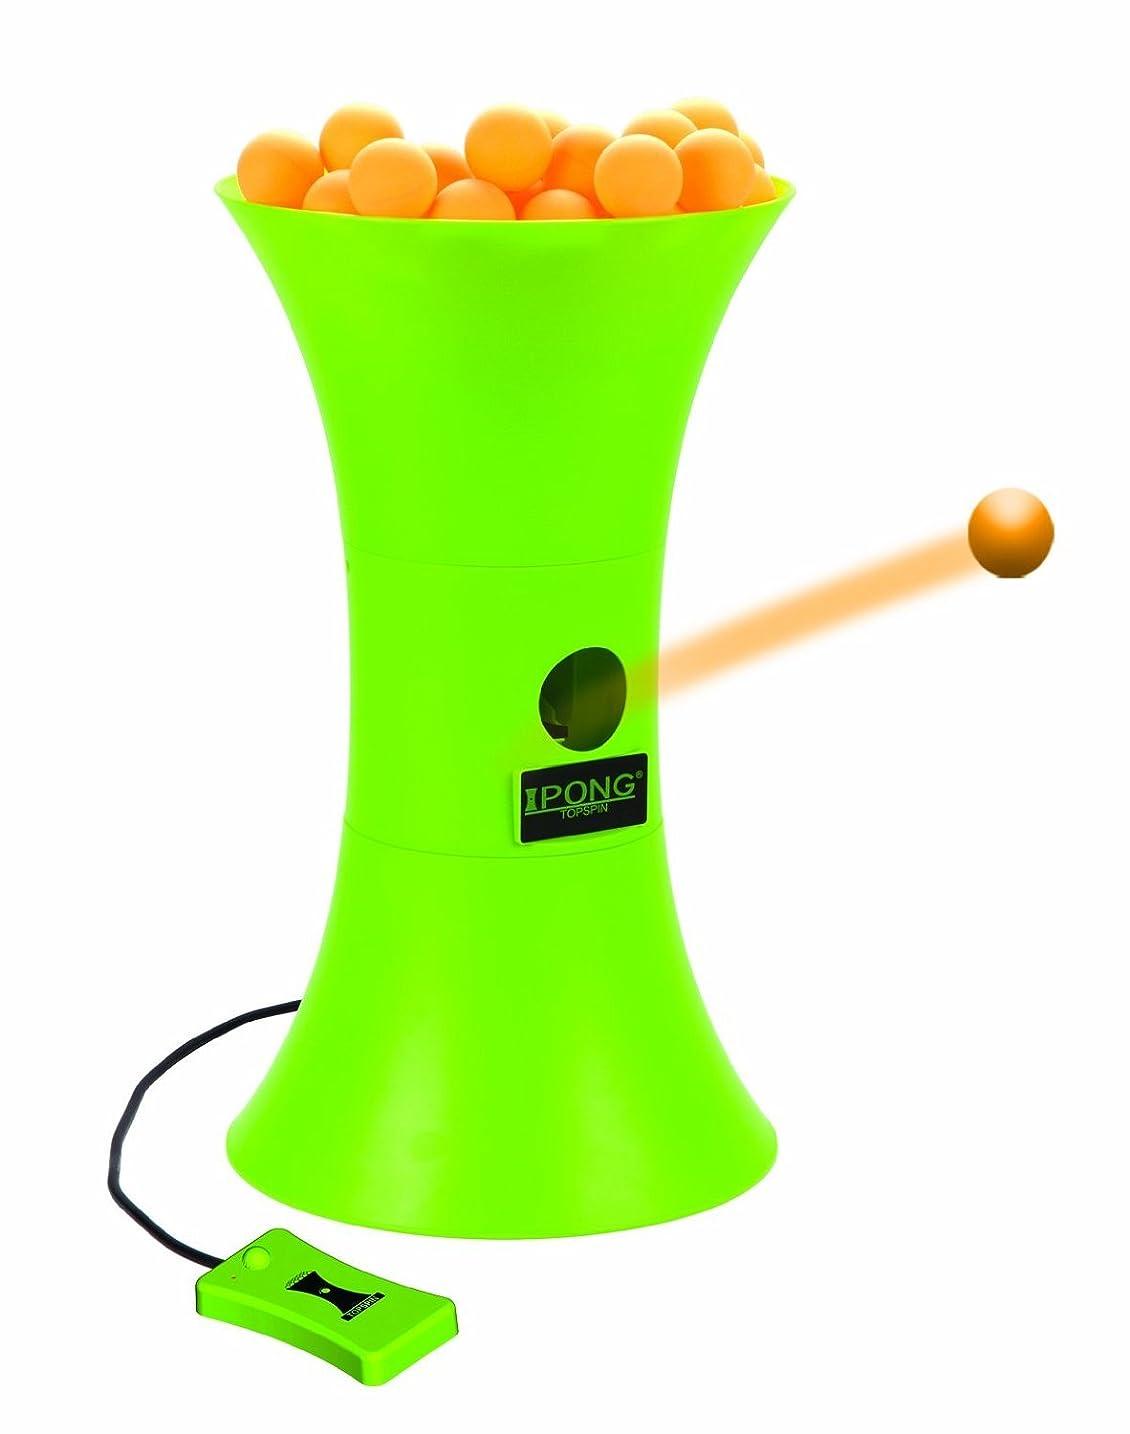 レタス雷雨そうi Pong アイポン トップスピン 自動卓球マシン【並行輸入品】